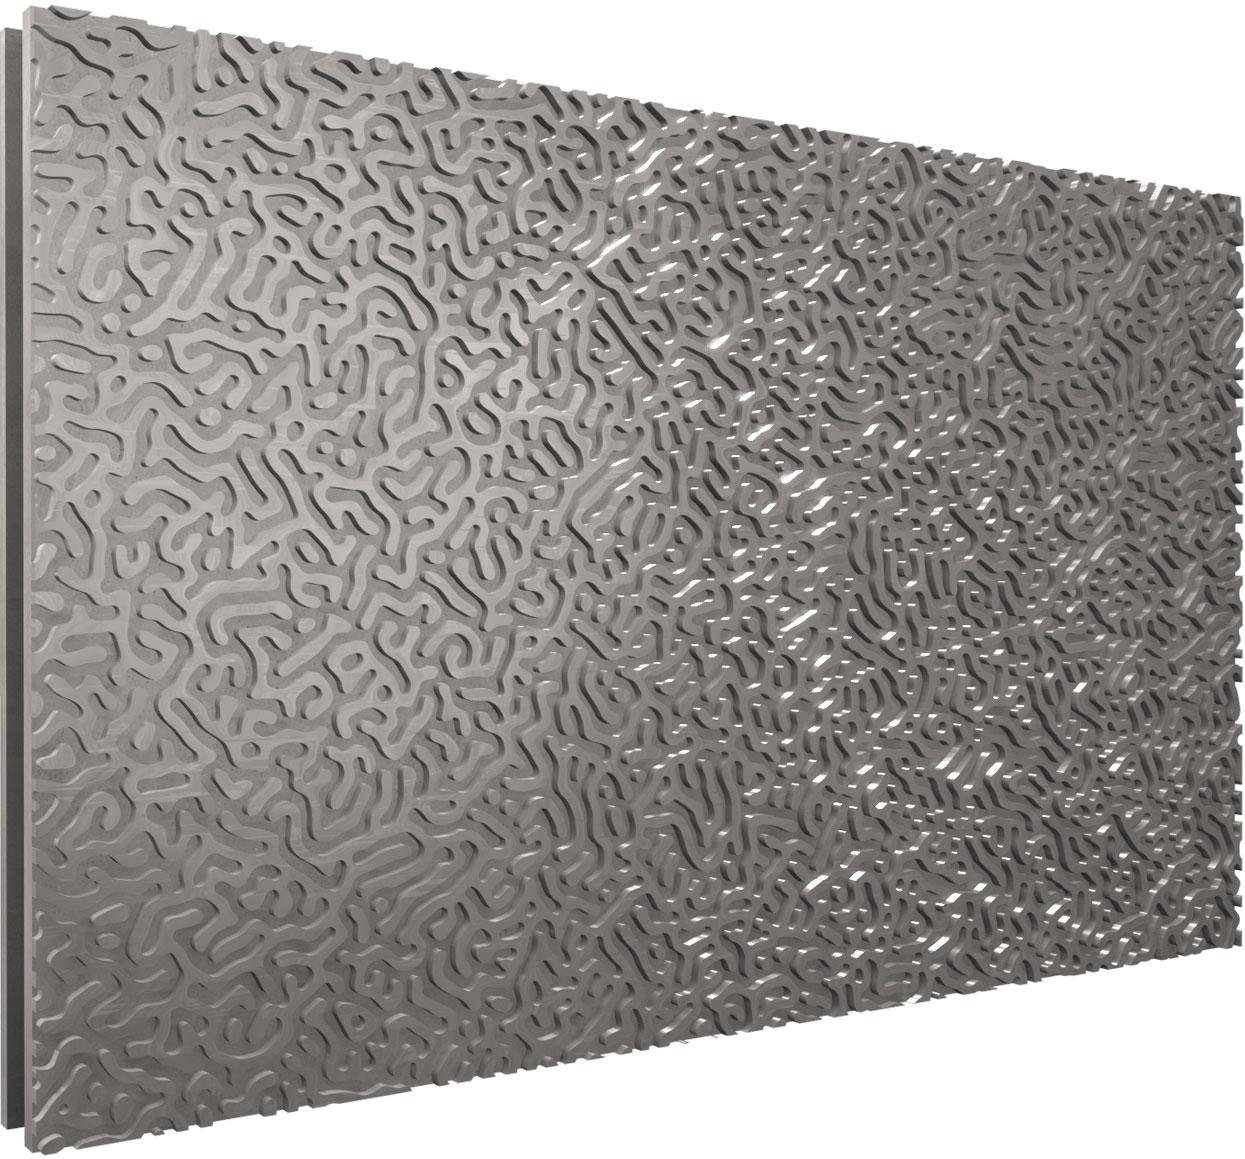 ARMACOFFRÉ® Oberflächengestaltung mit Strukturmatrizen